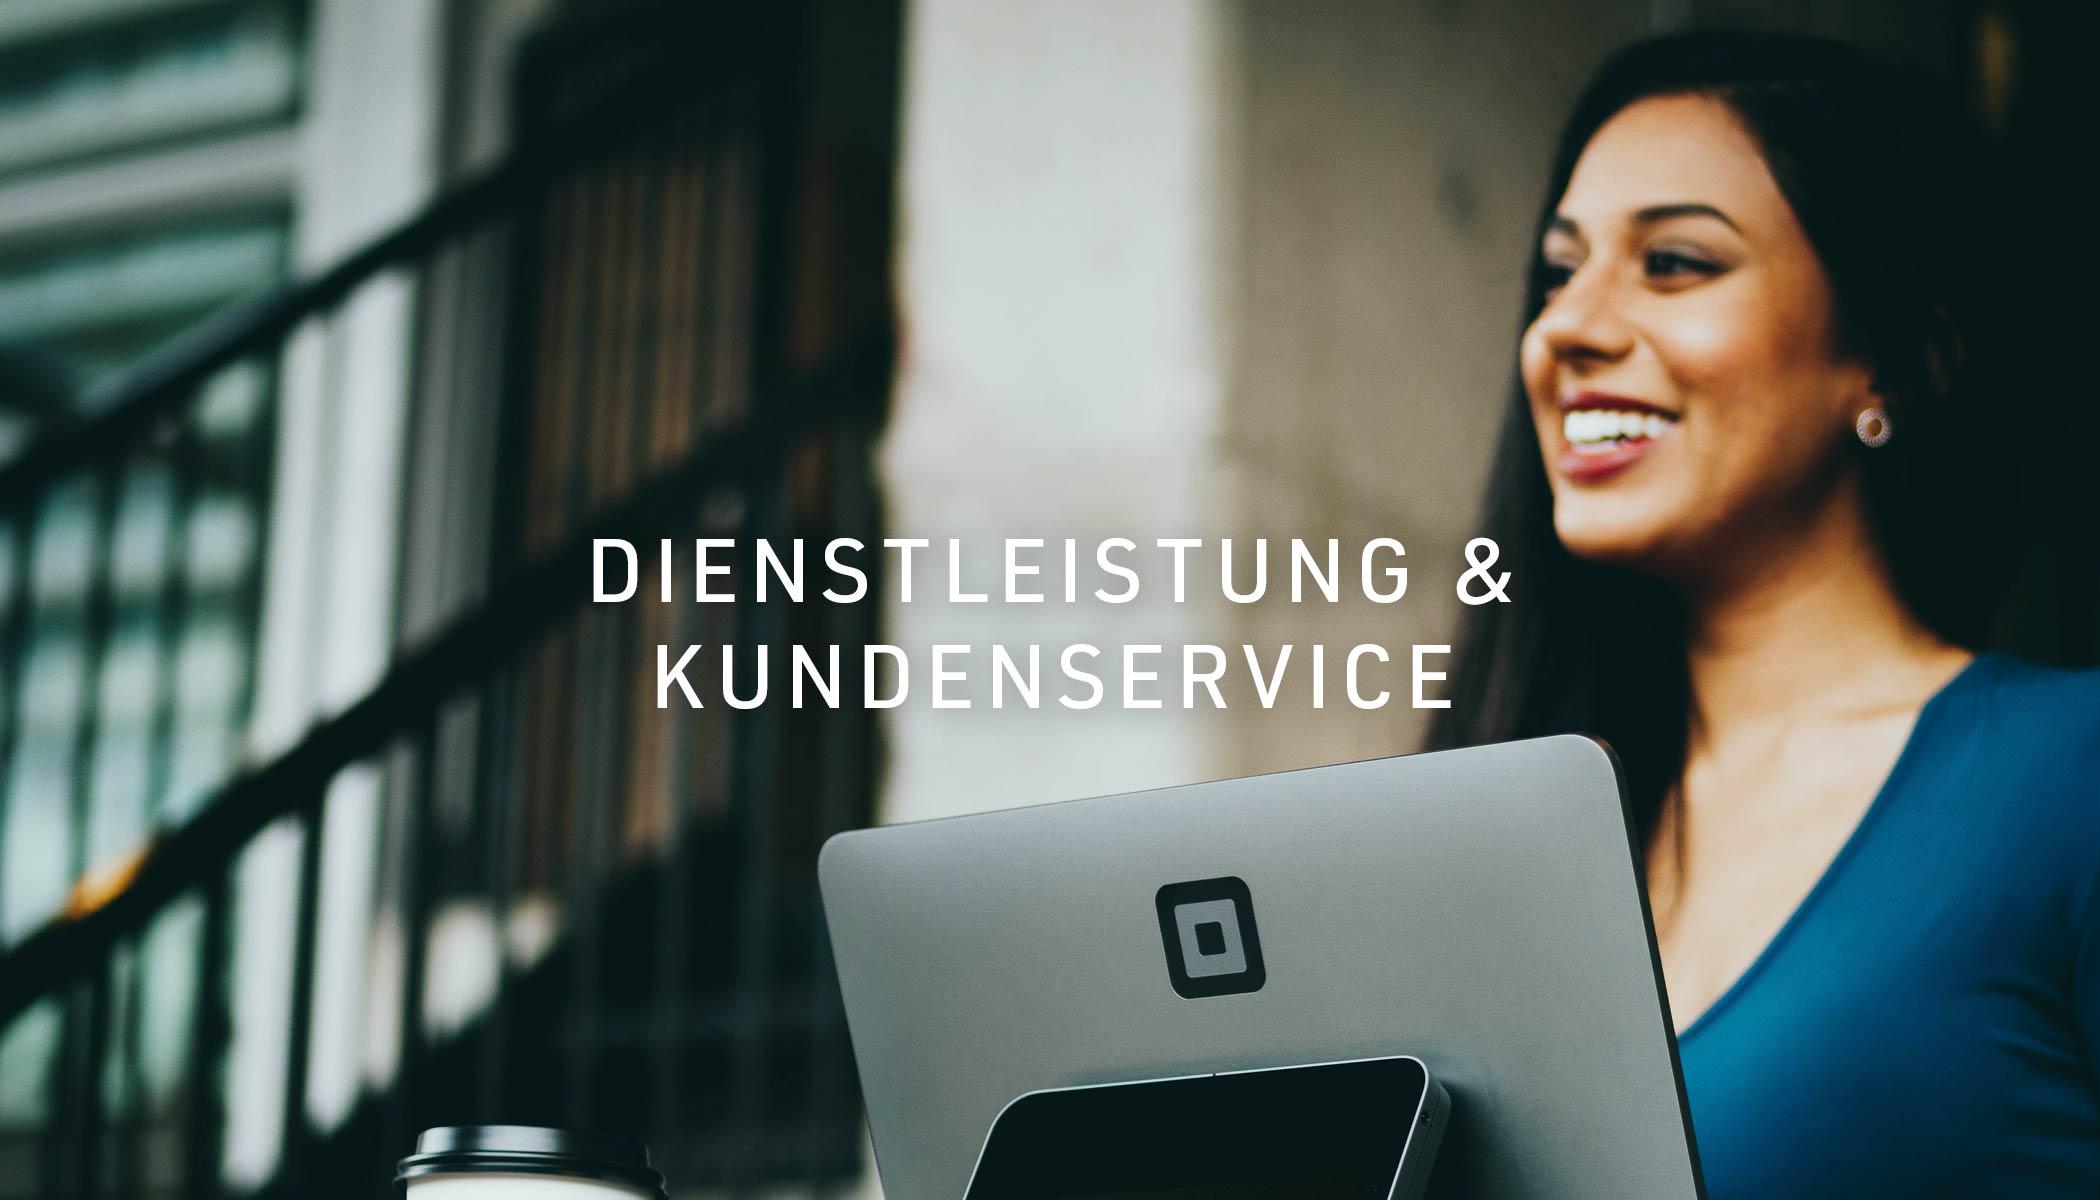 Dienstleistung & Kundenservice